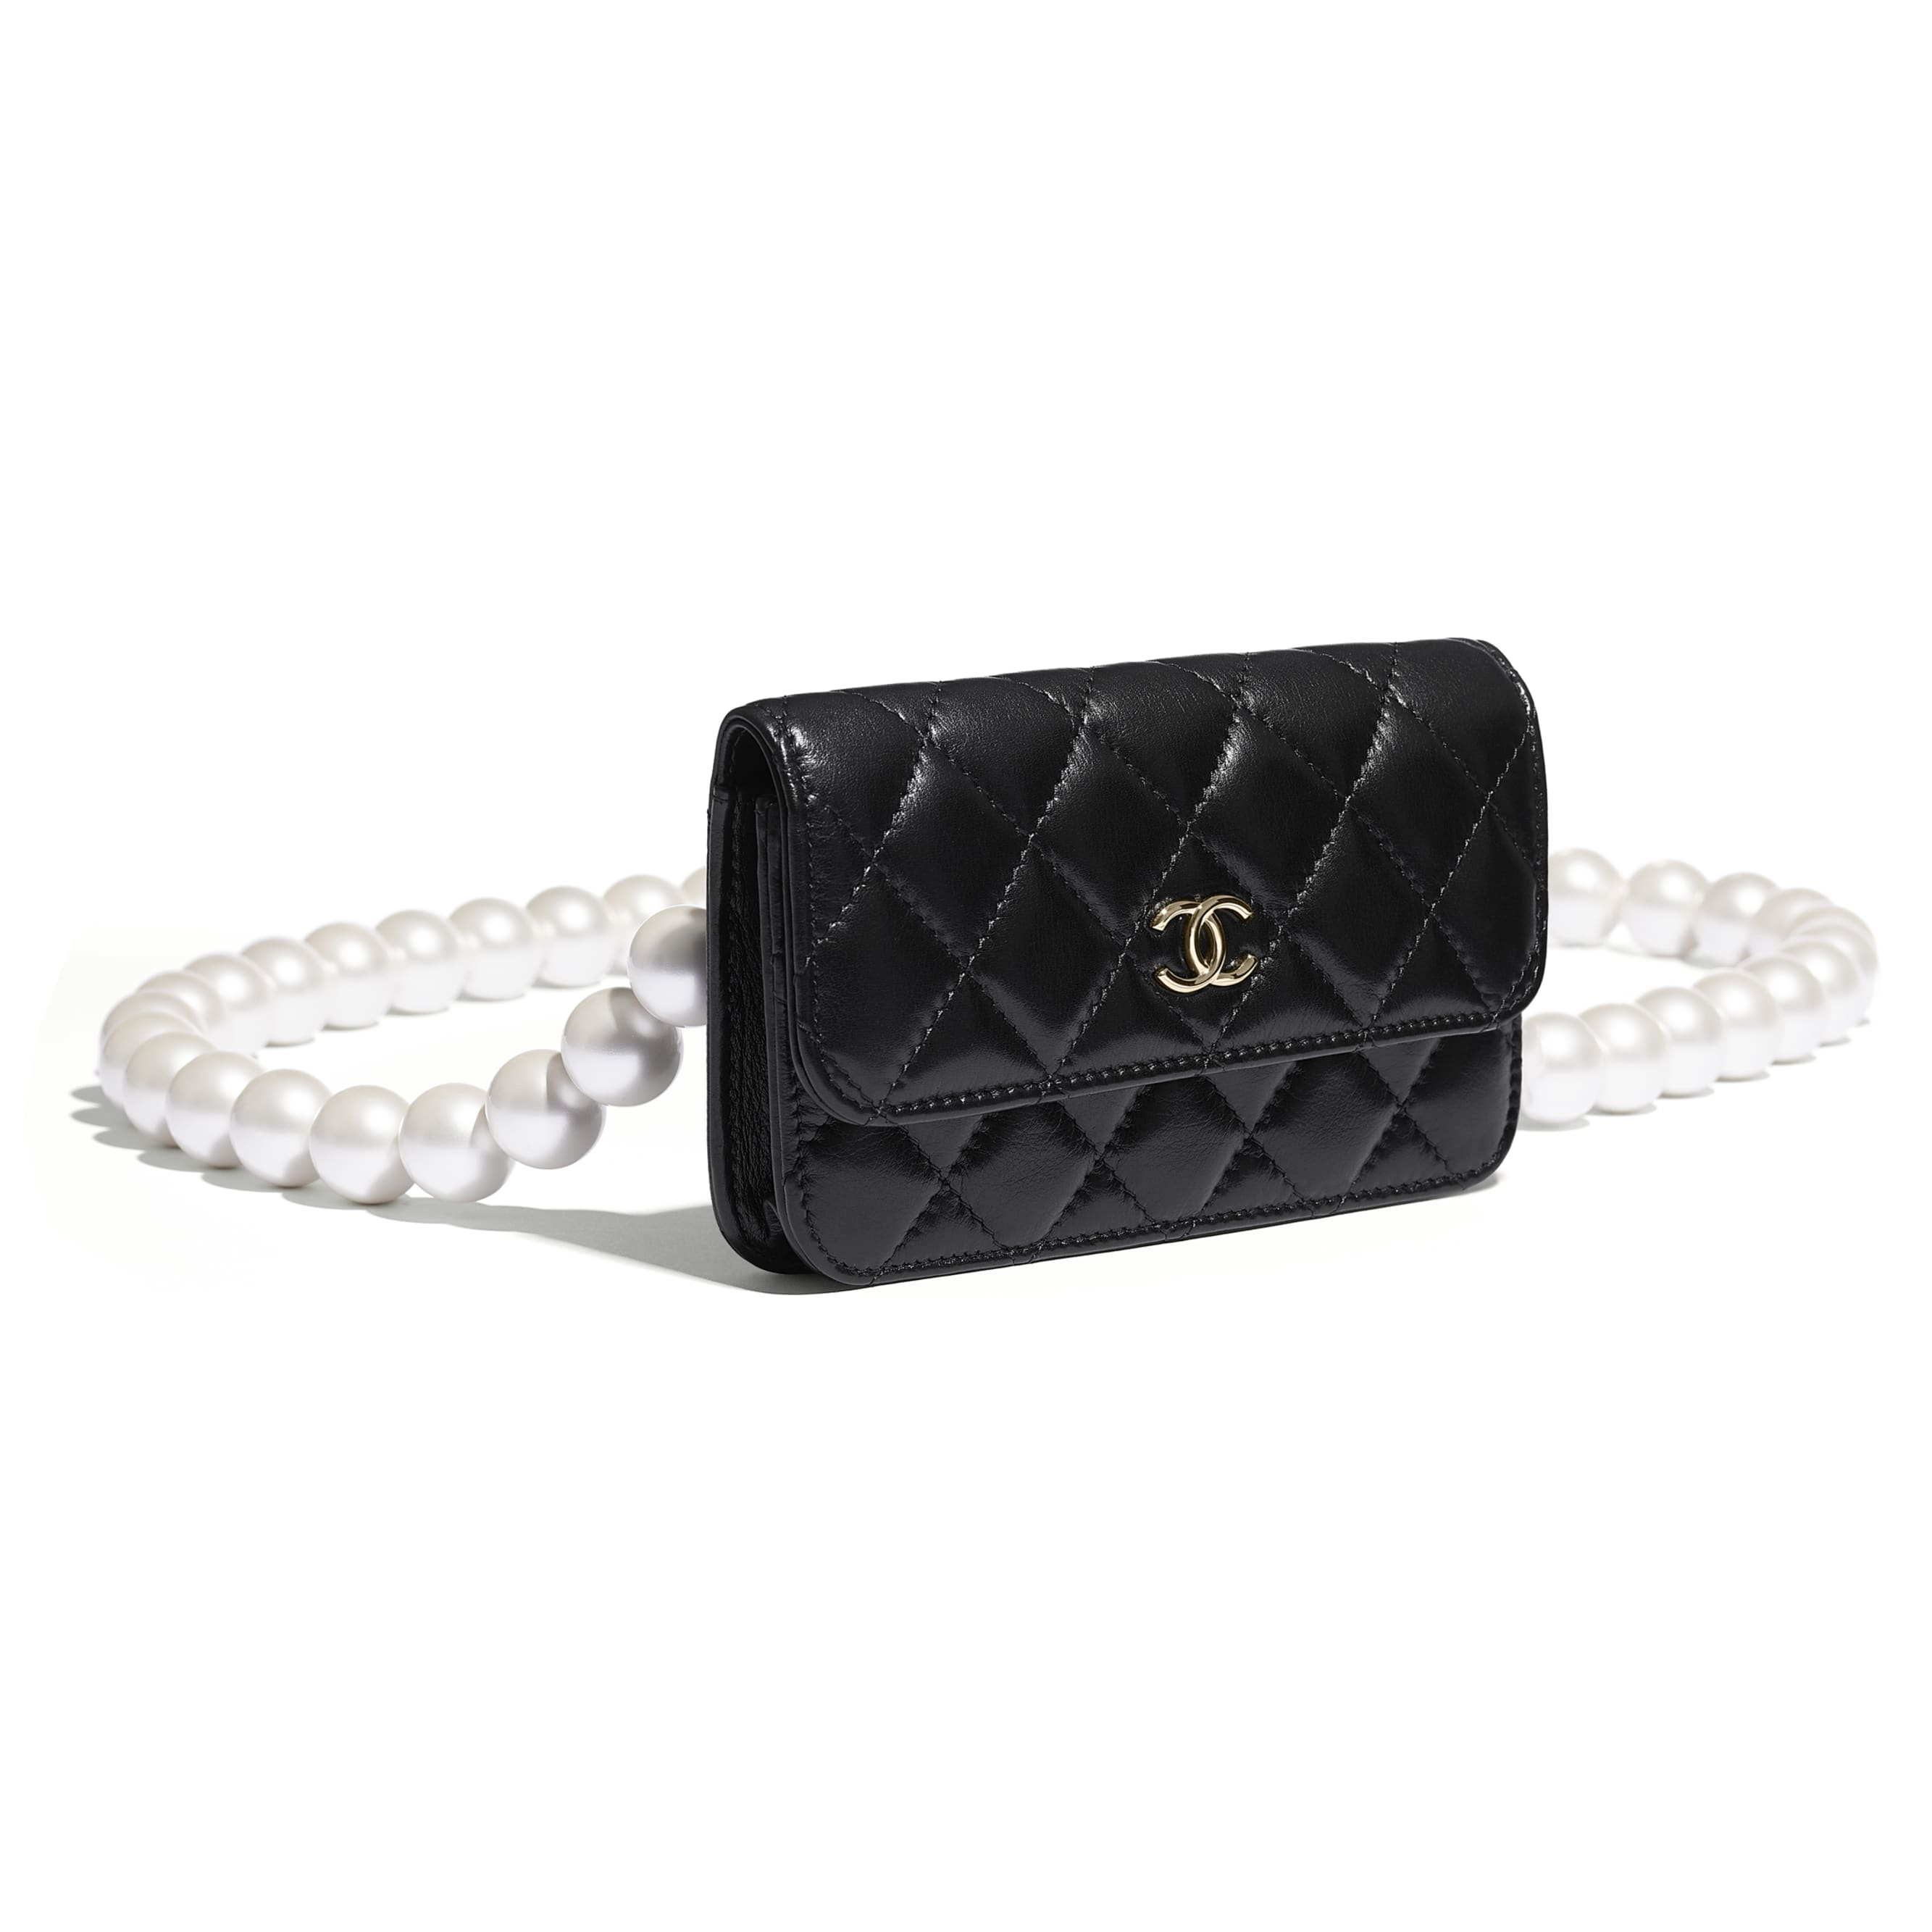 Bolso de mano con cadena - Negro - Piel de ternera, perlas artificiales y metal dorado - CHANEL - Otra vista - ver la versión tamaño estándar